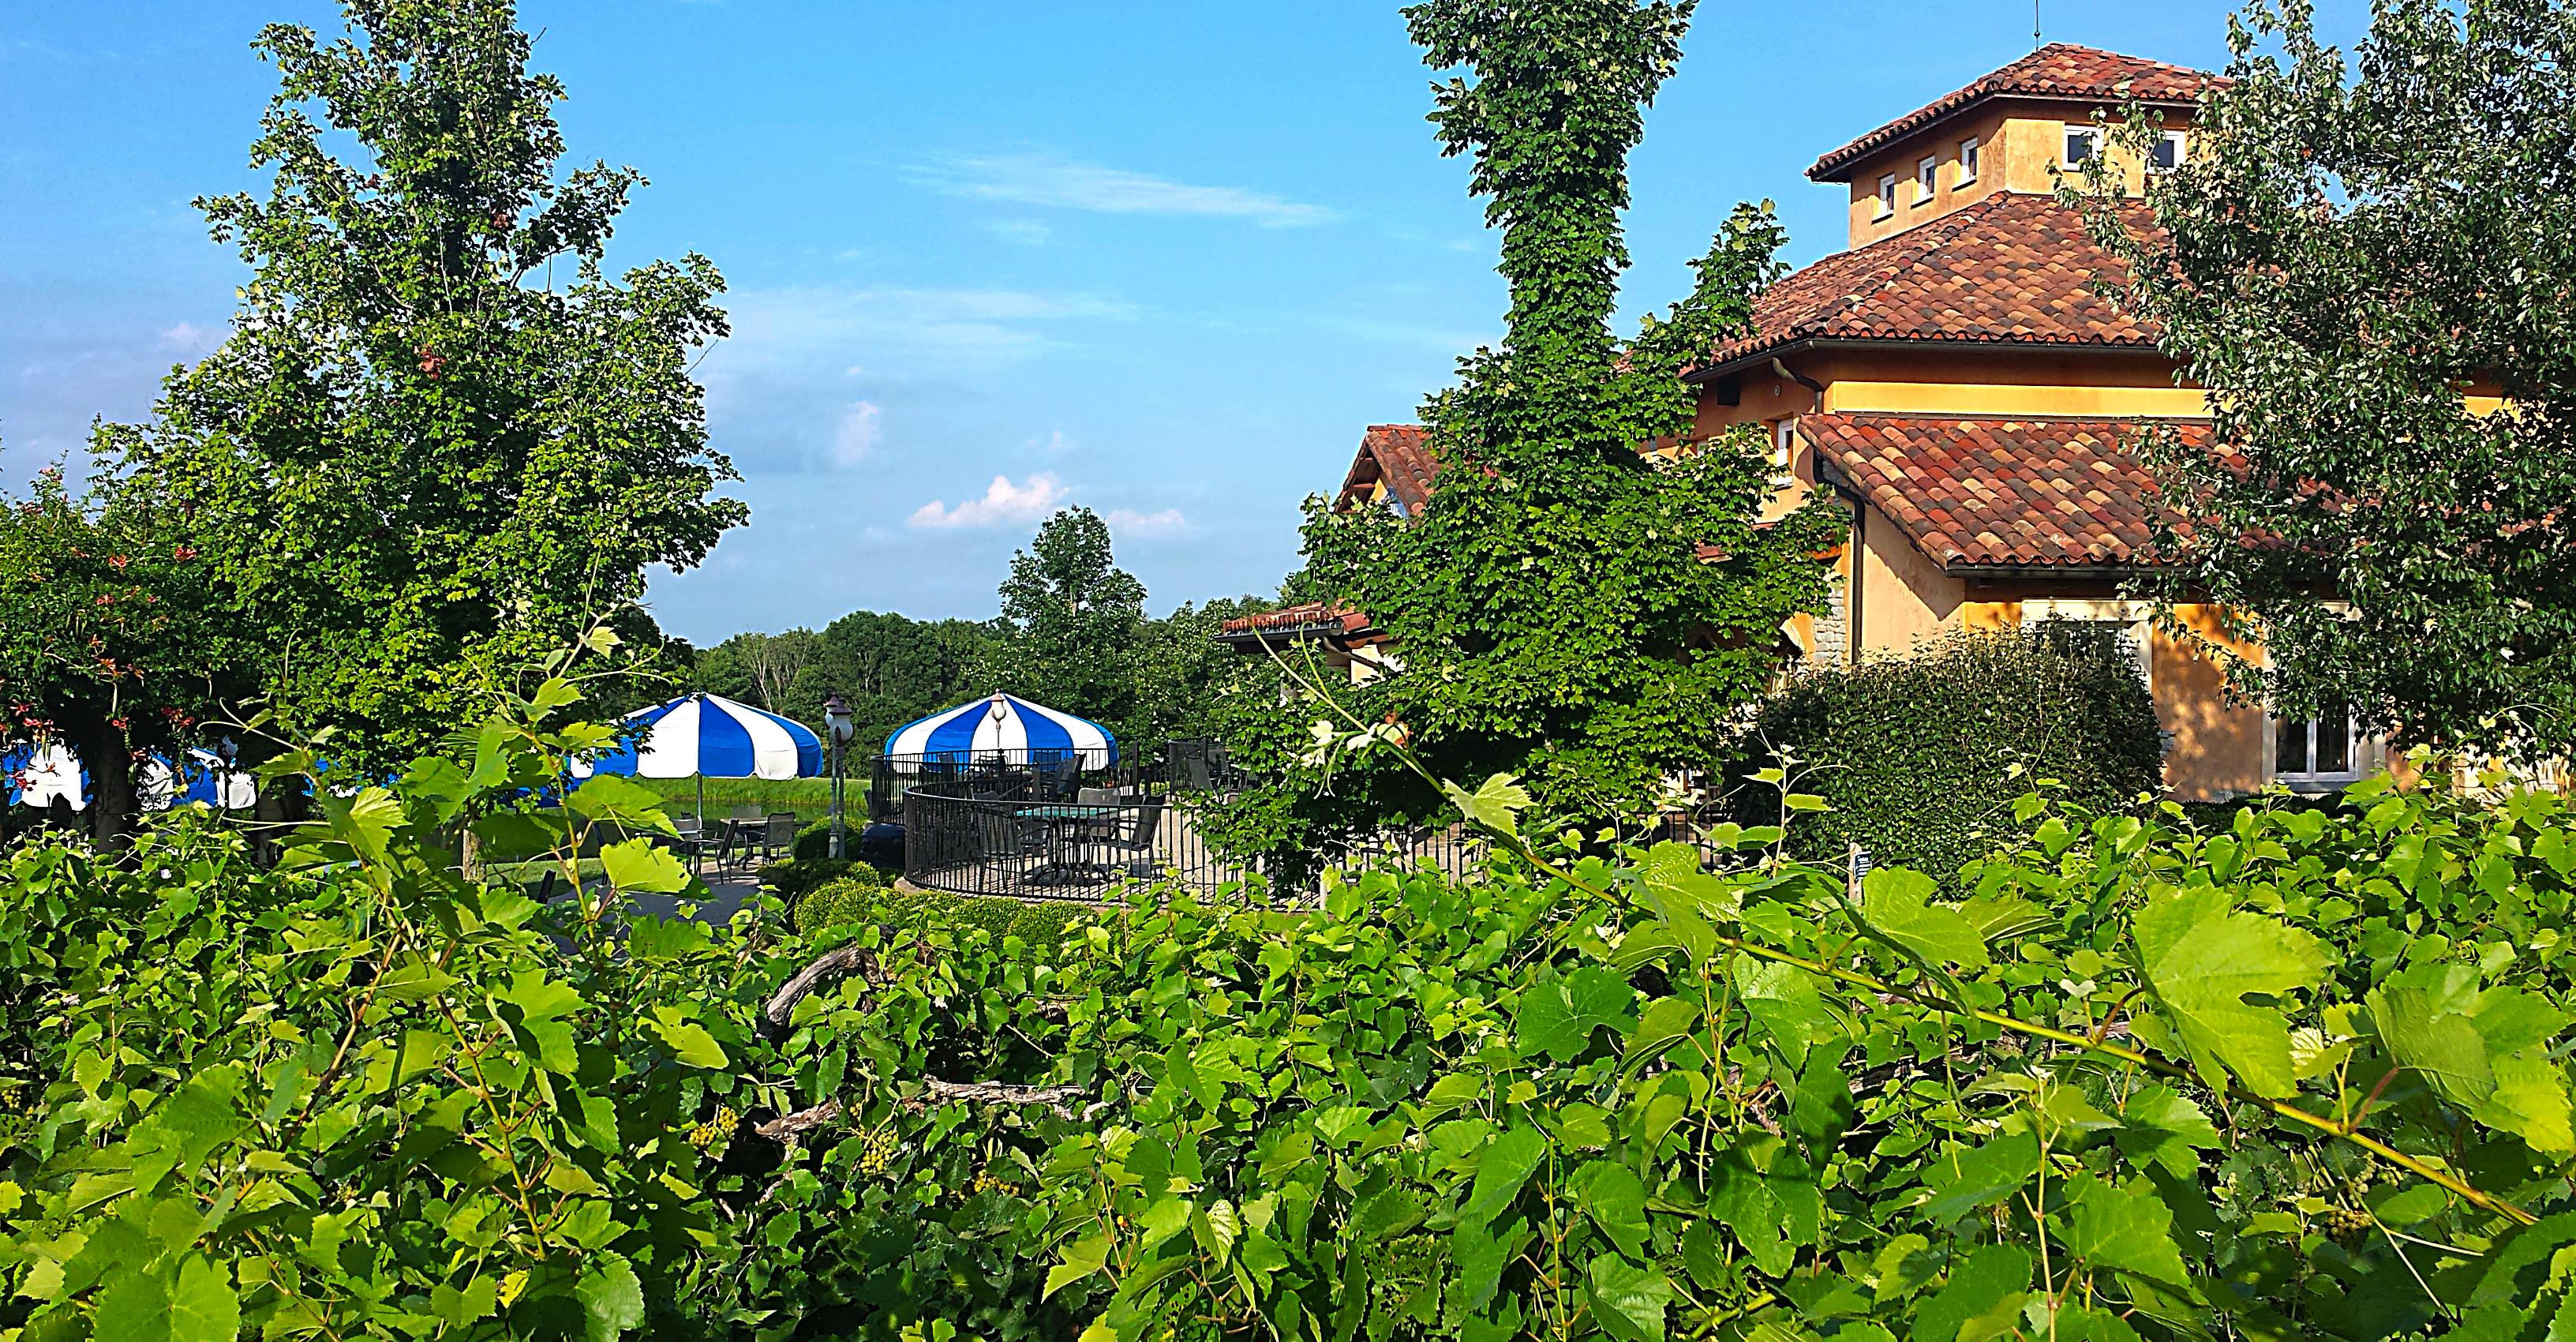 Blue Sky Winery, Makanda, Illinois on 08/03/15. Photo by: Matthew McGuire